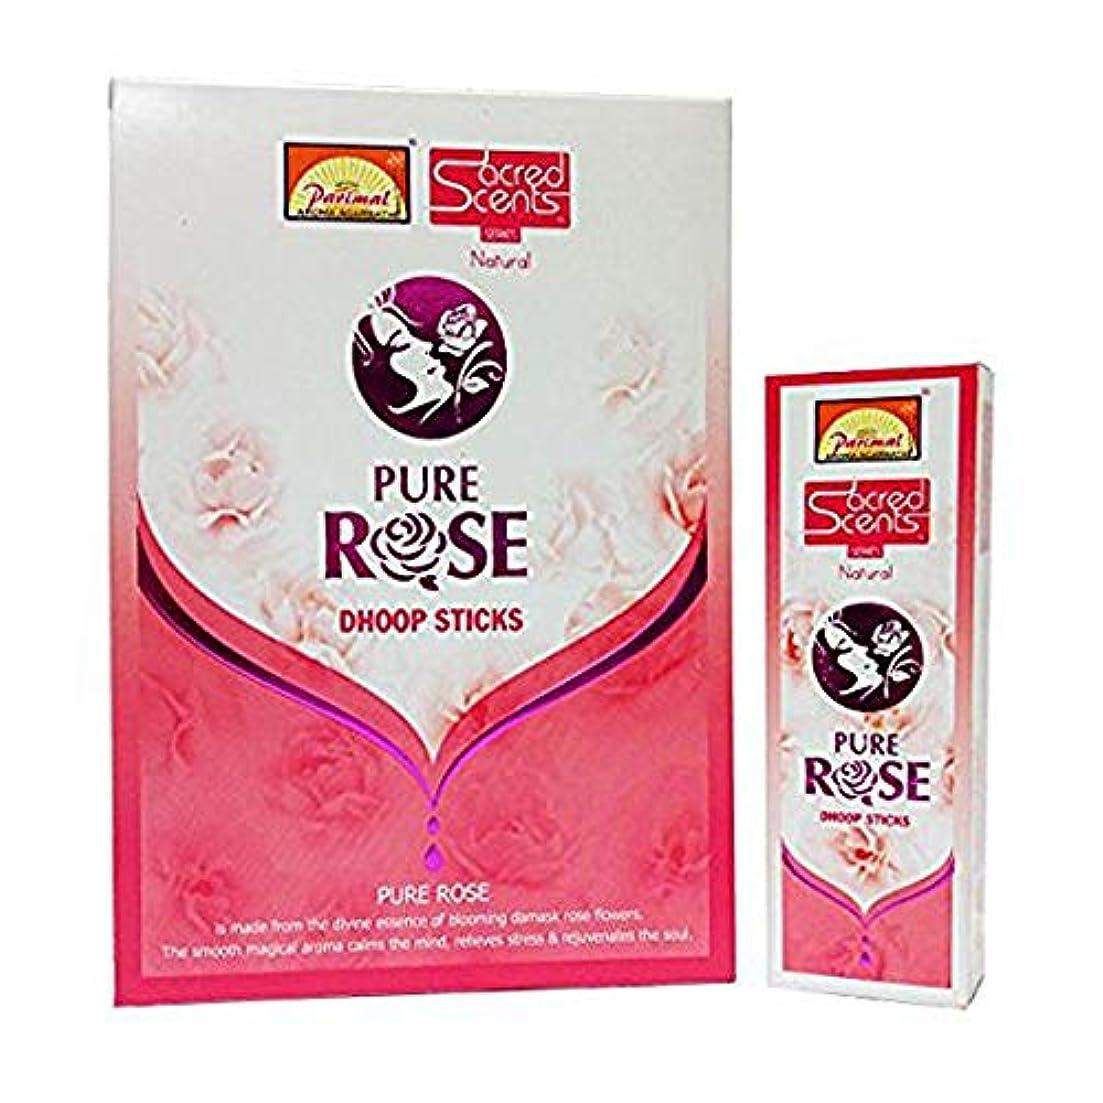 脅迫教え化石Parimal Sacred Scents Pure Rose Dhoop Sticks 50グラムパック、6カウントin aボックス